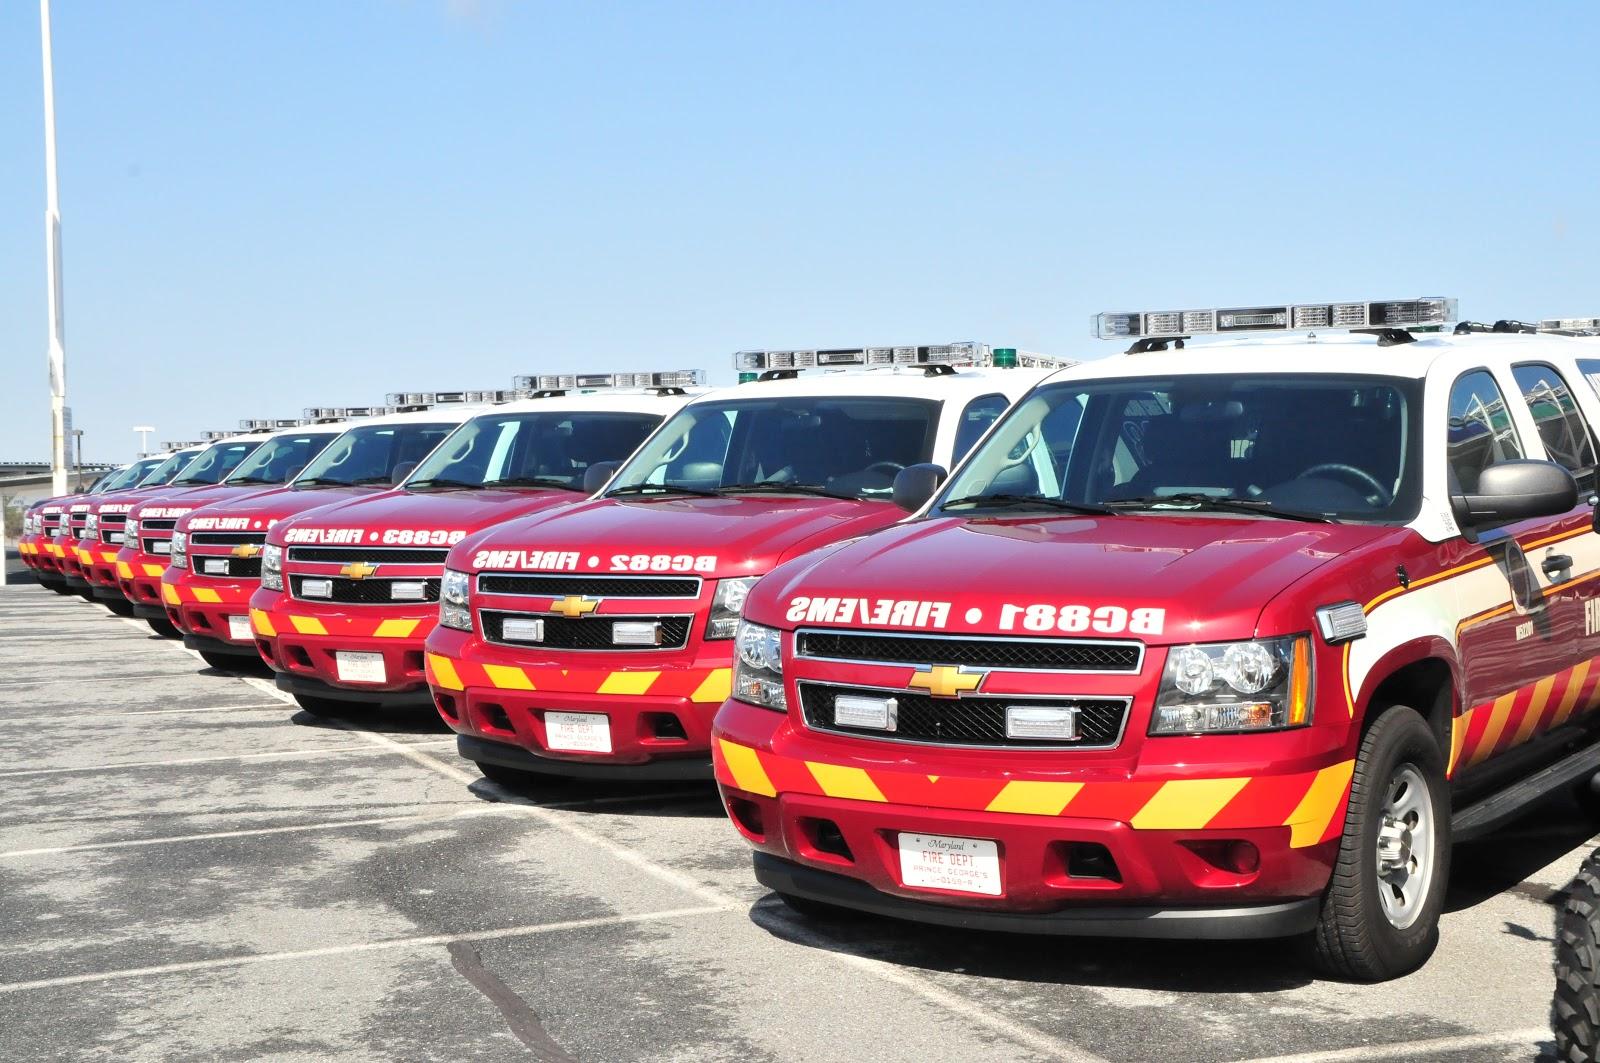 Future+Fire+Trucks Future Fire Trucks New apparatus in-service